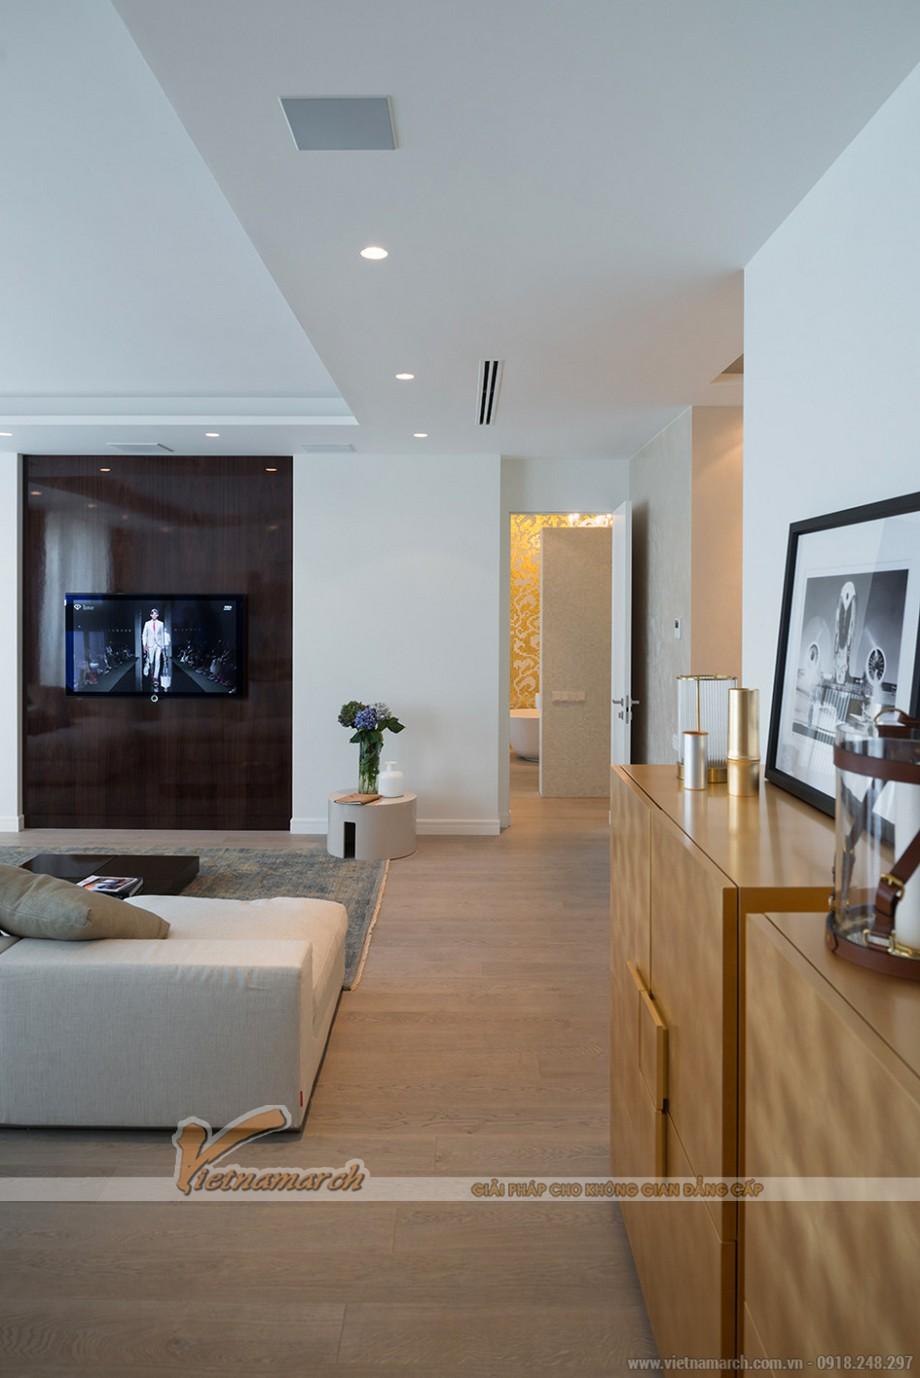 Phương án tư vấn thiết kế nội thất chung cư Park Hill